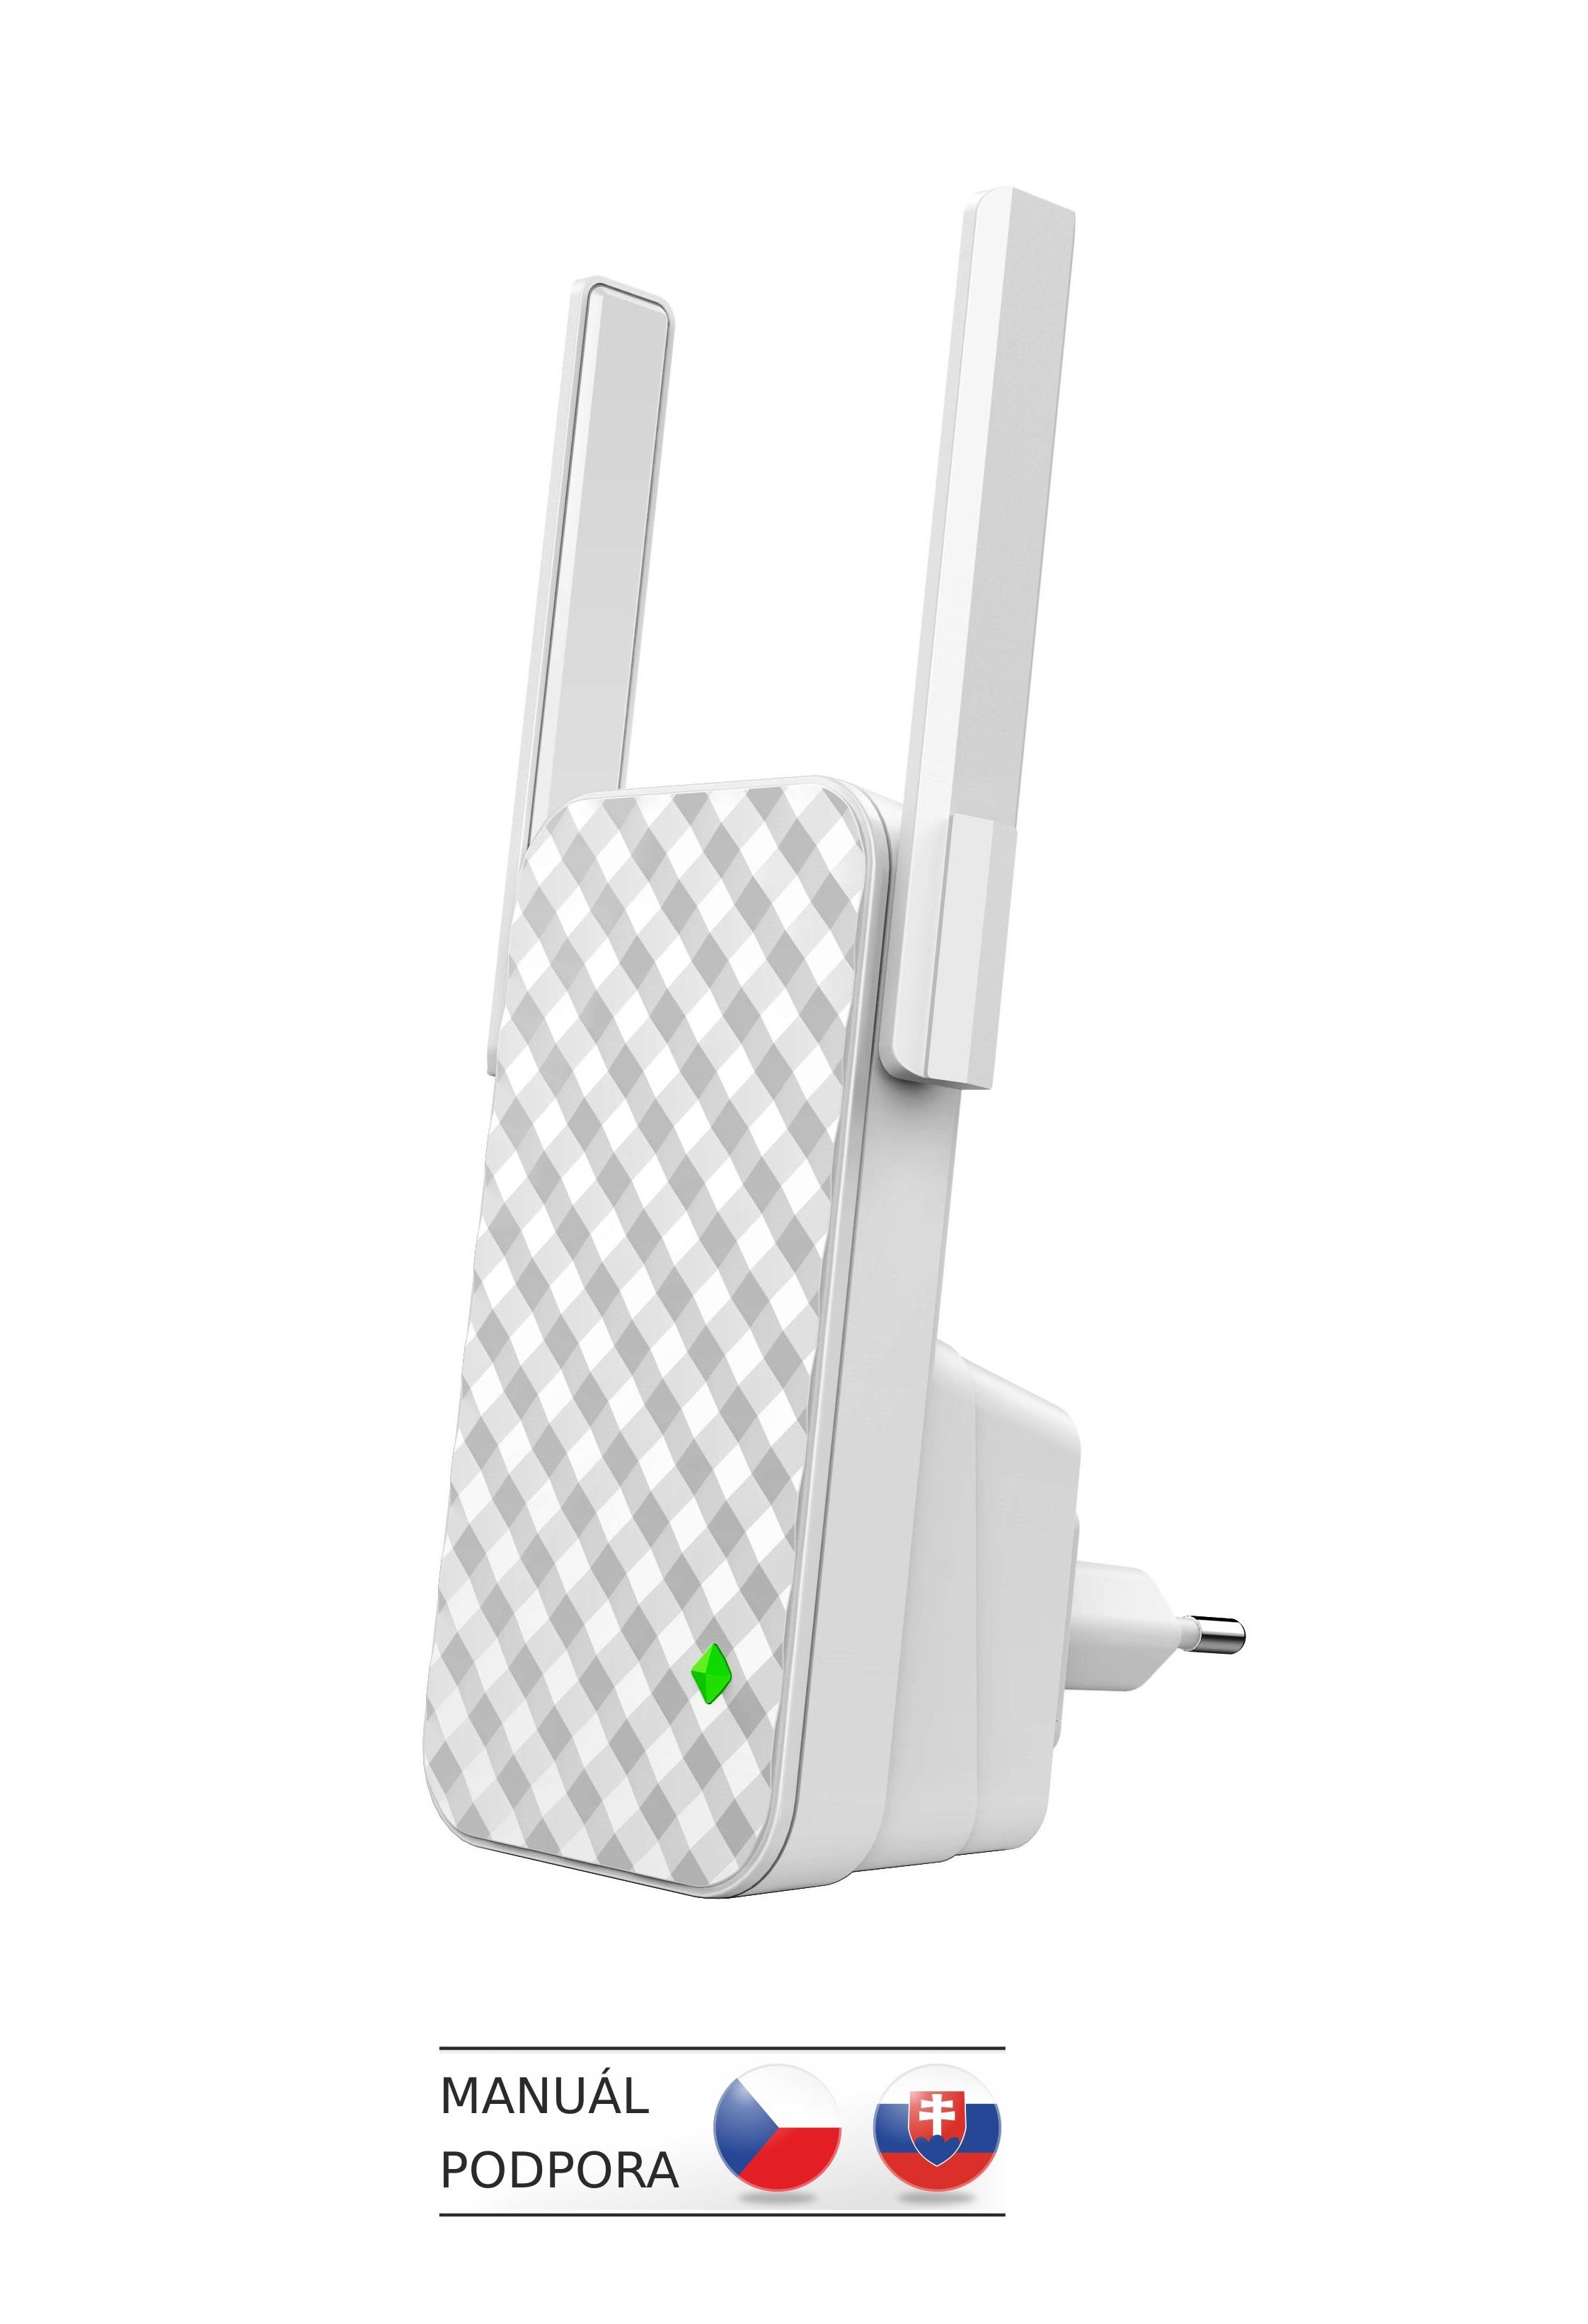 Tenda A9 - Wireless-N Range Extender, opakovač 300 Mb/s, WPS, 2x 3 dBi anténa